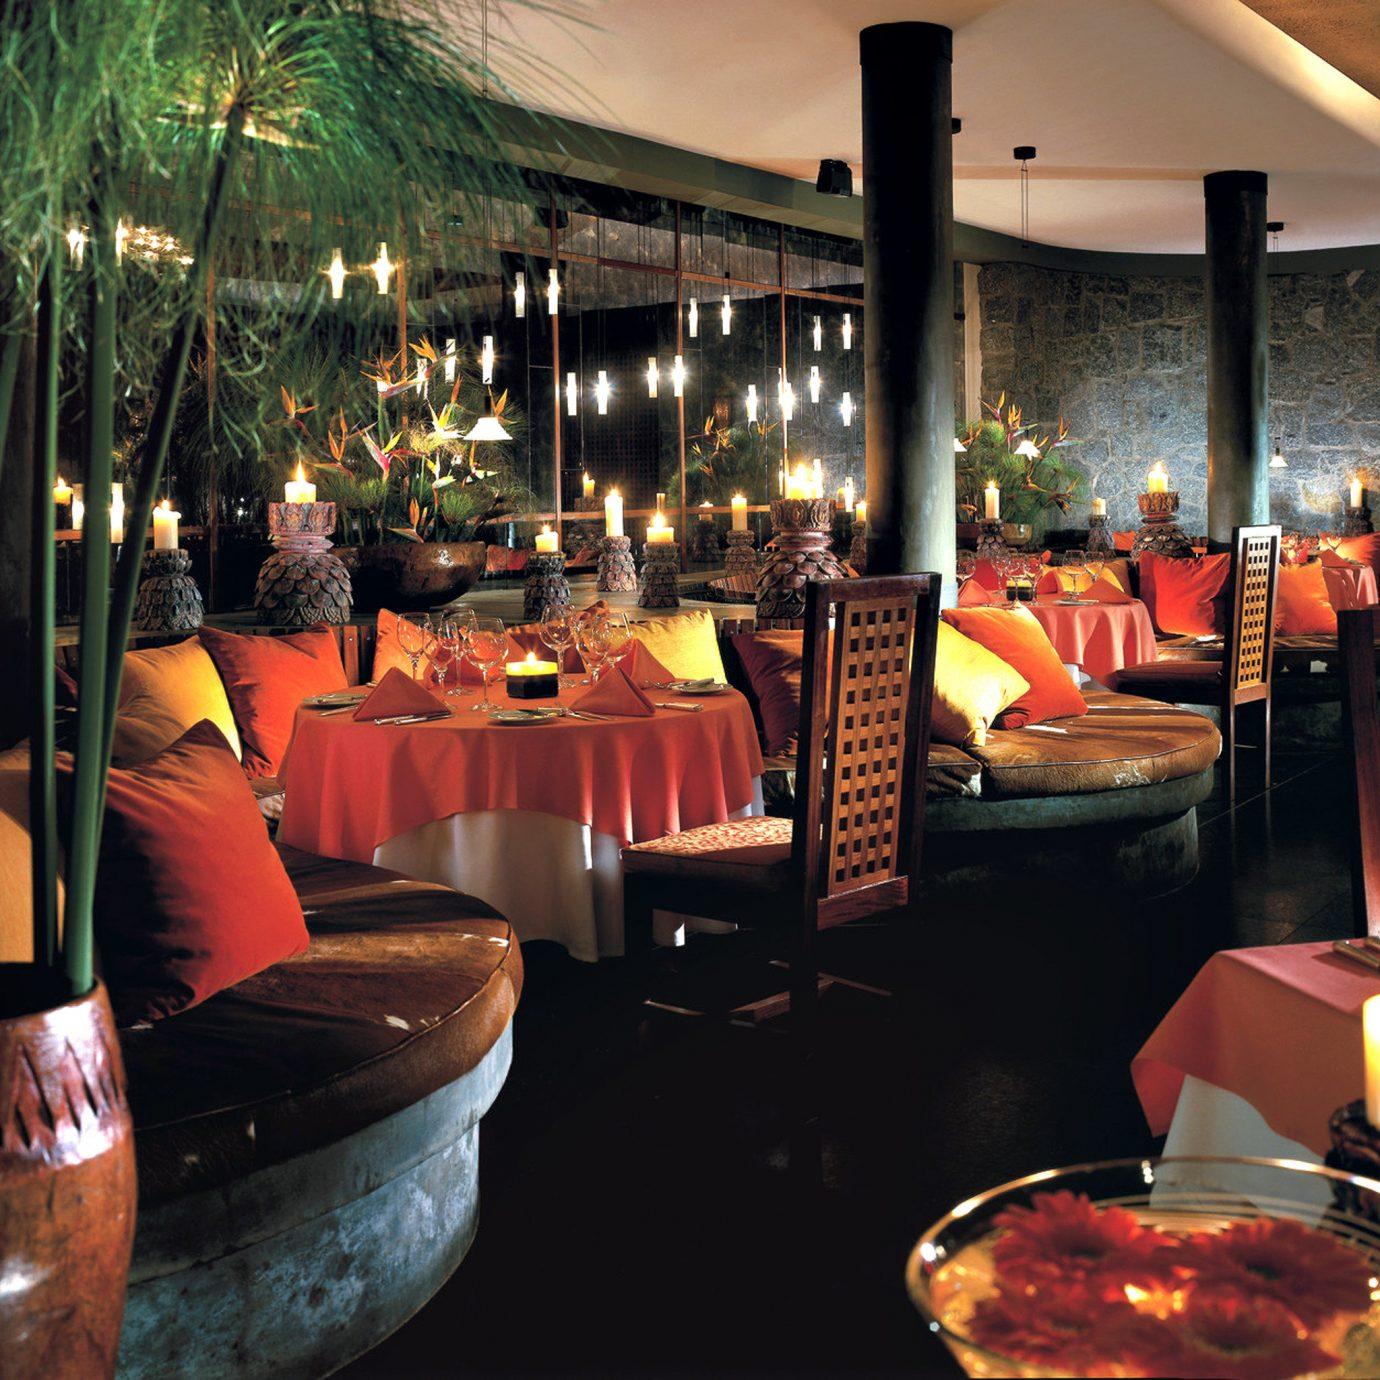 restaurant Bar Lobby Dining Resort nightclub dinner dining table